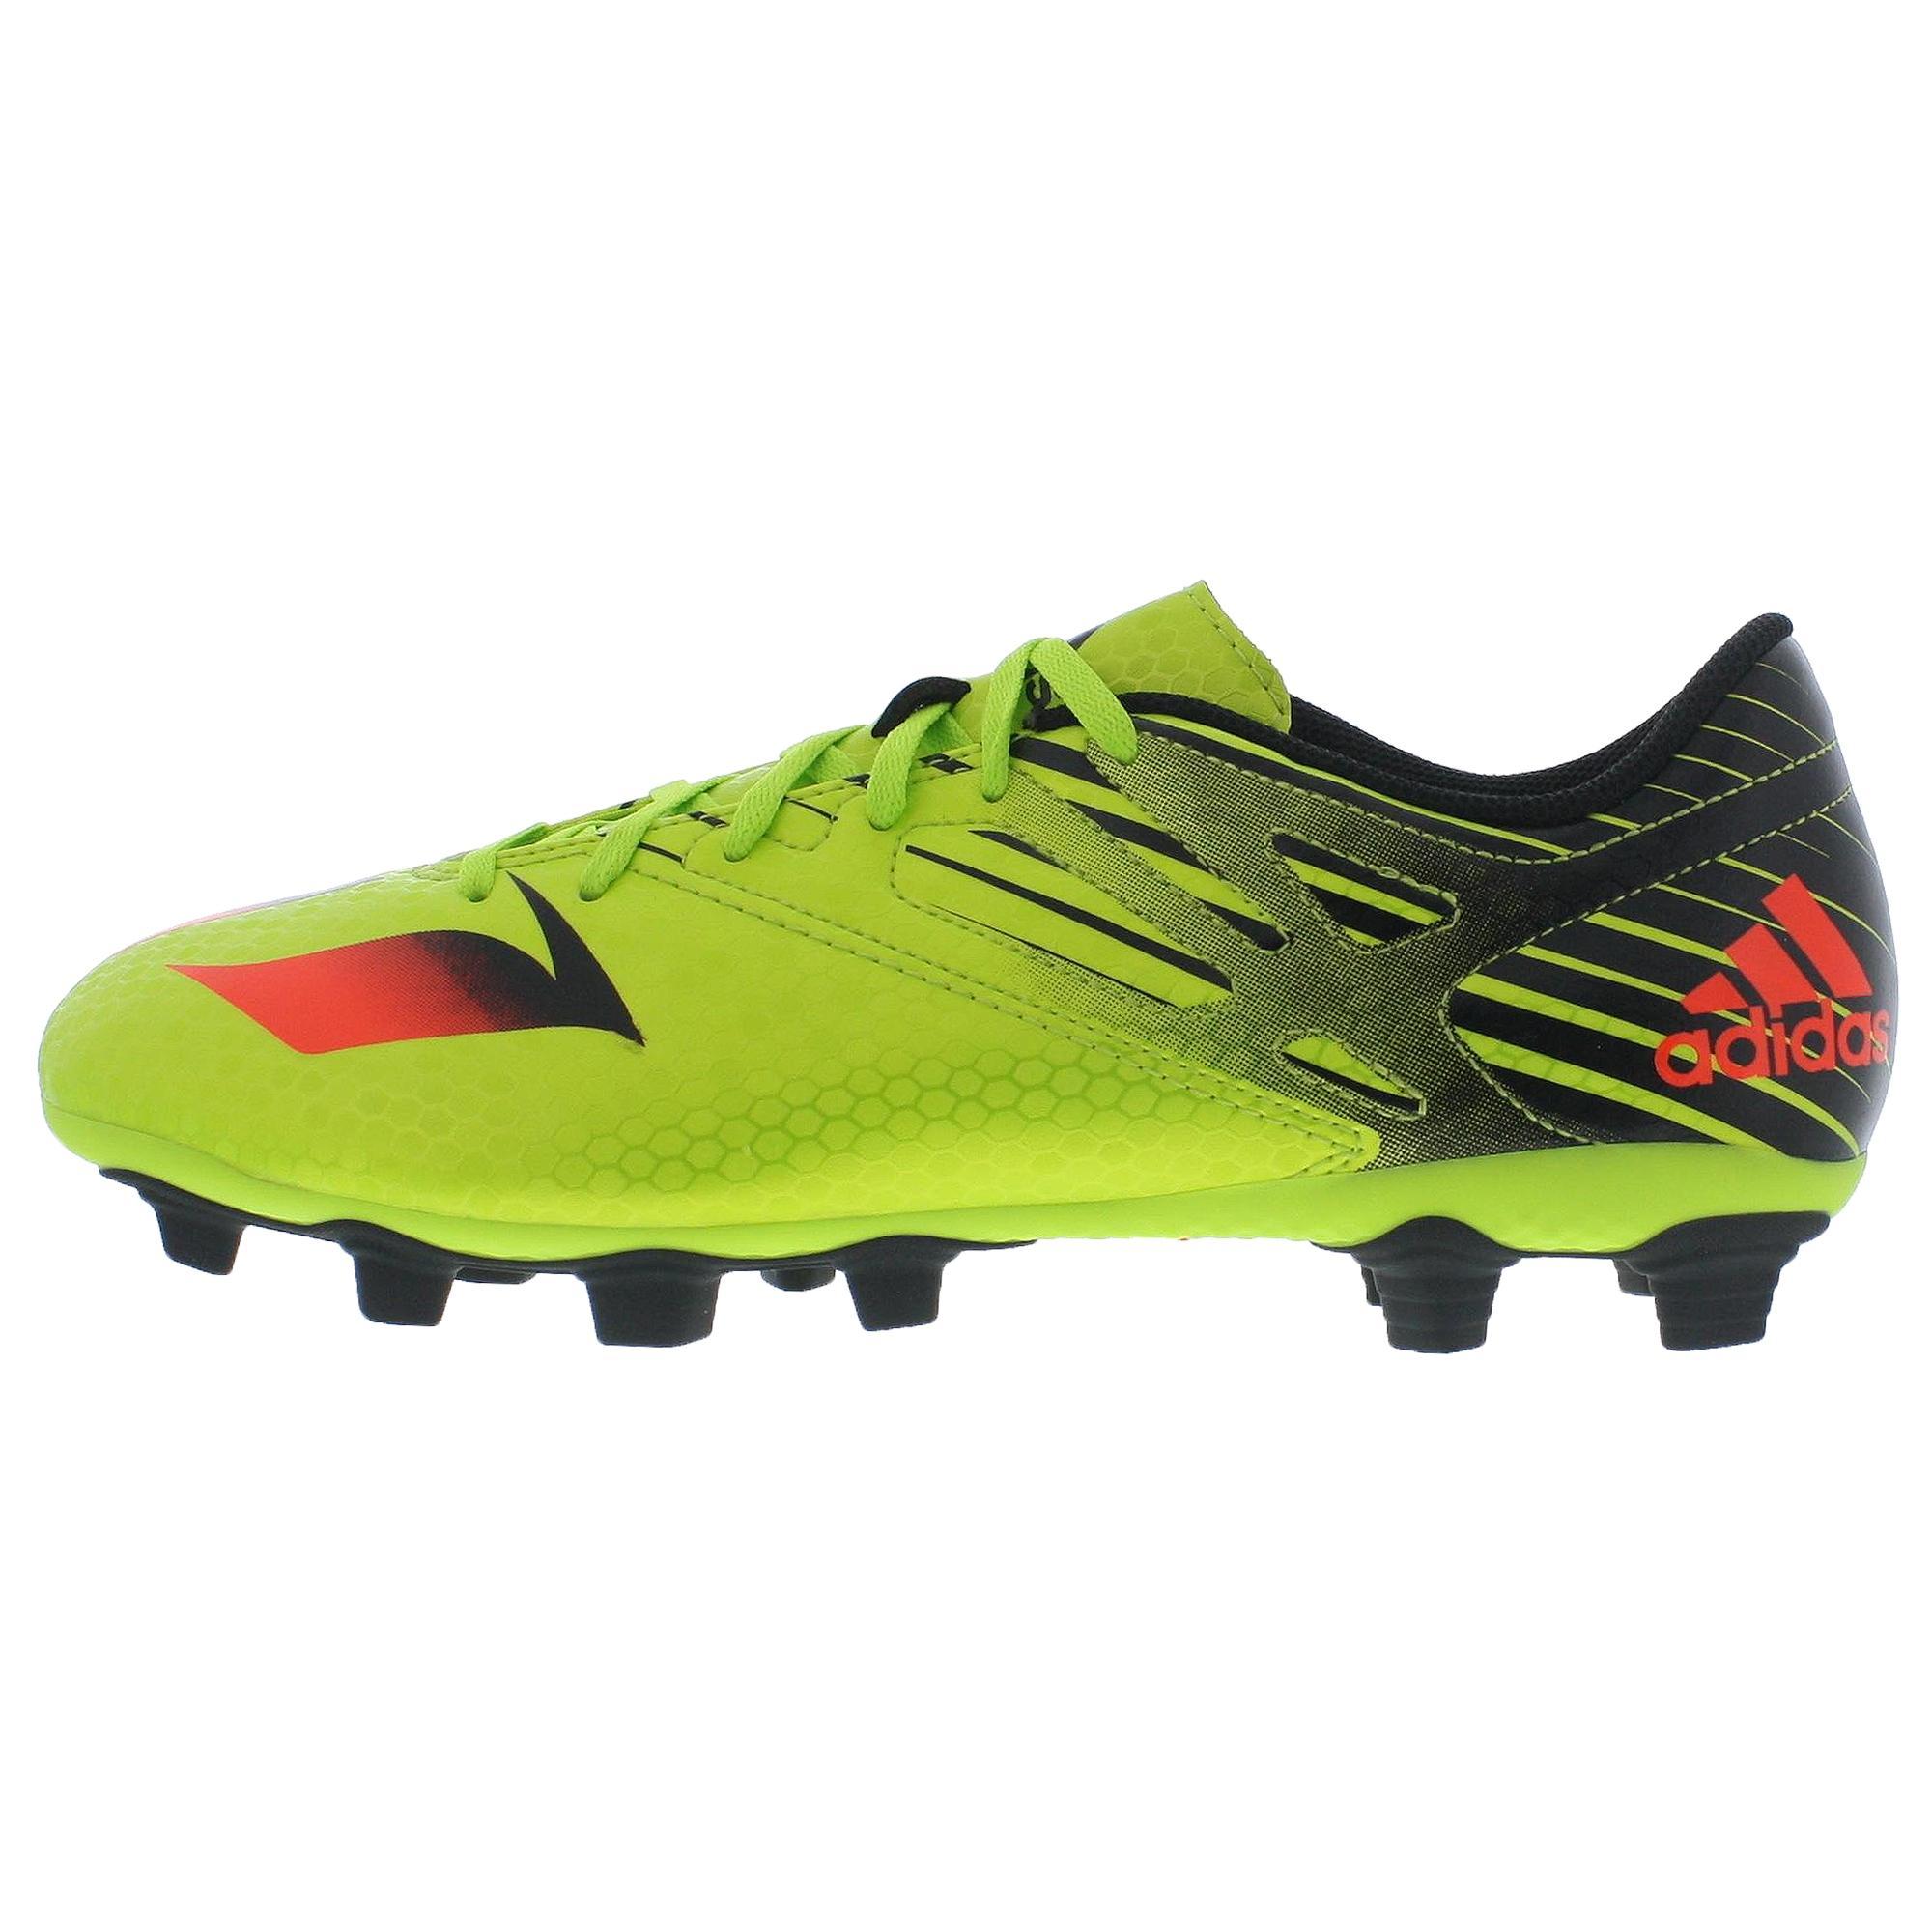 adidas Lionel Messi 15.4 SS16 Flexible Ground Krampon